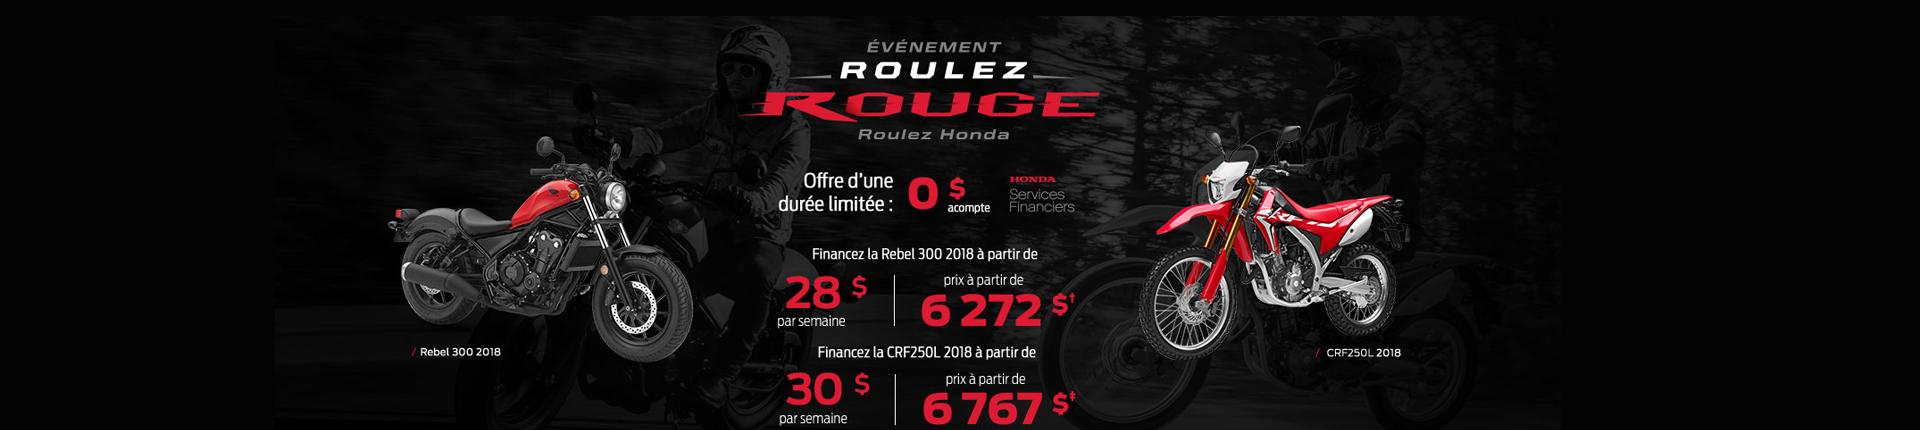 Événement Honda : Roulez rouge